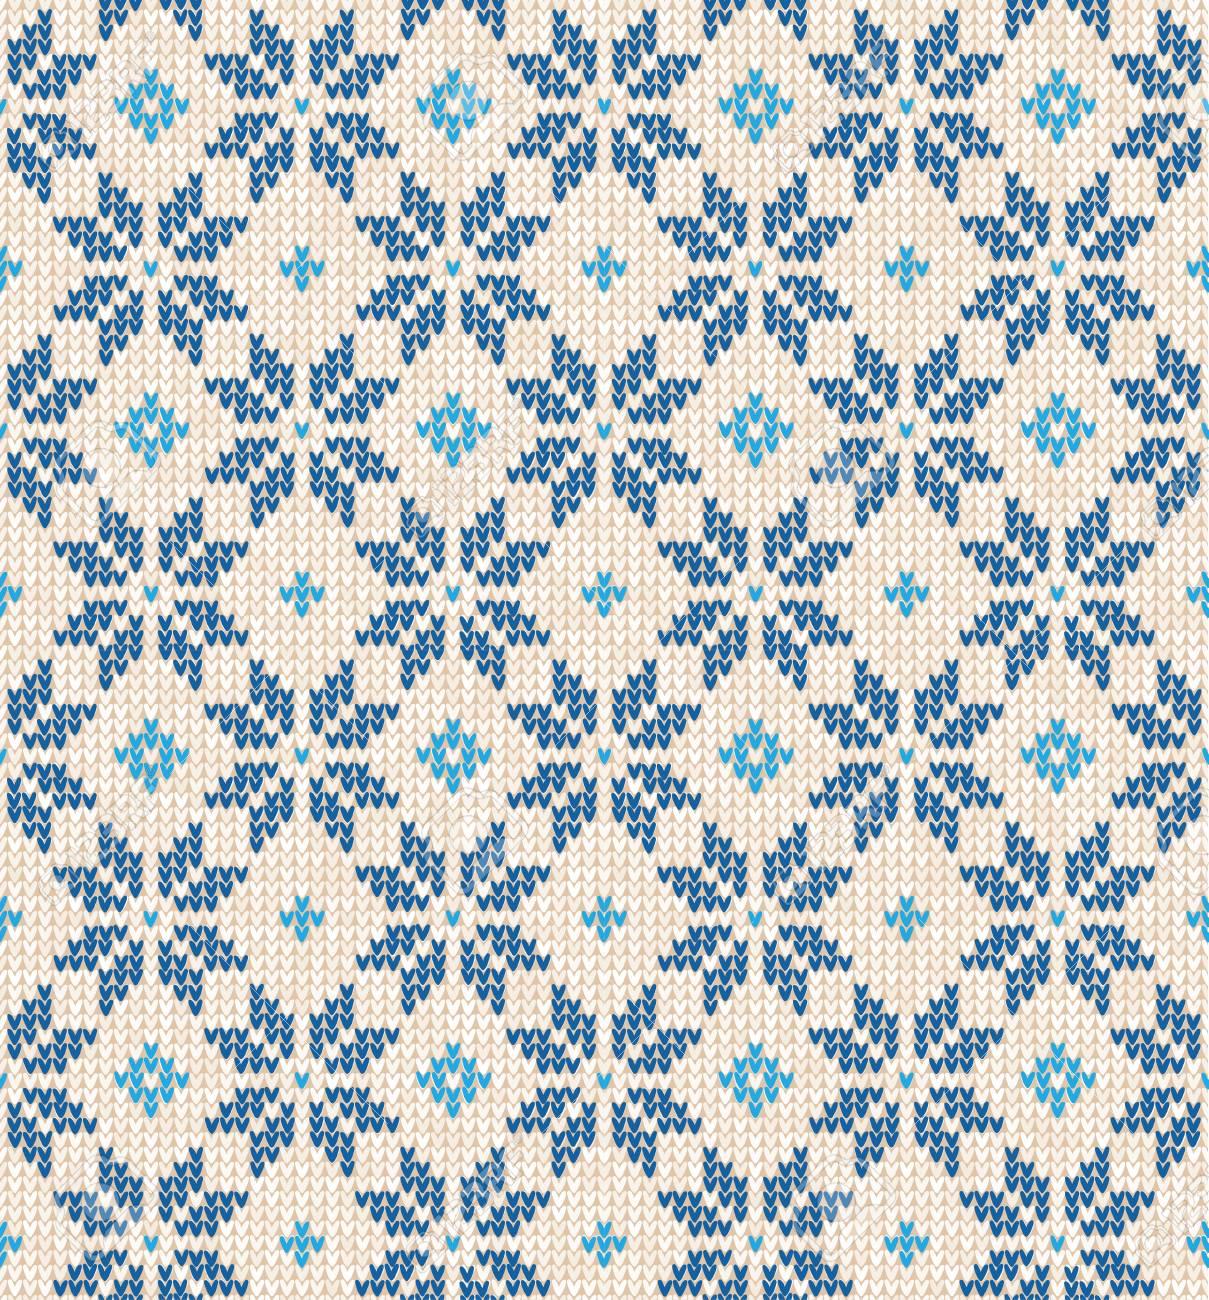 Skandinavische muster blau  Vektor-Illustration Weihnachten Skandinavischen Stil Flache Weiße ...